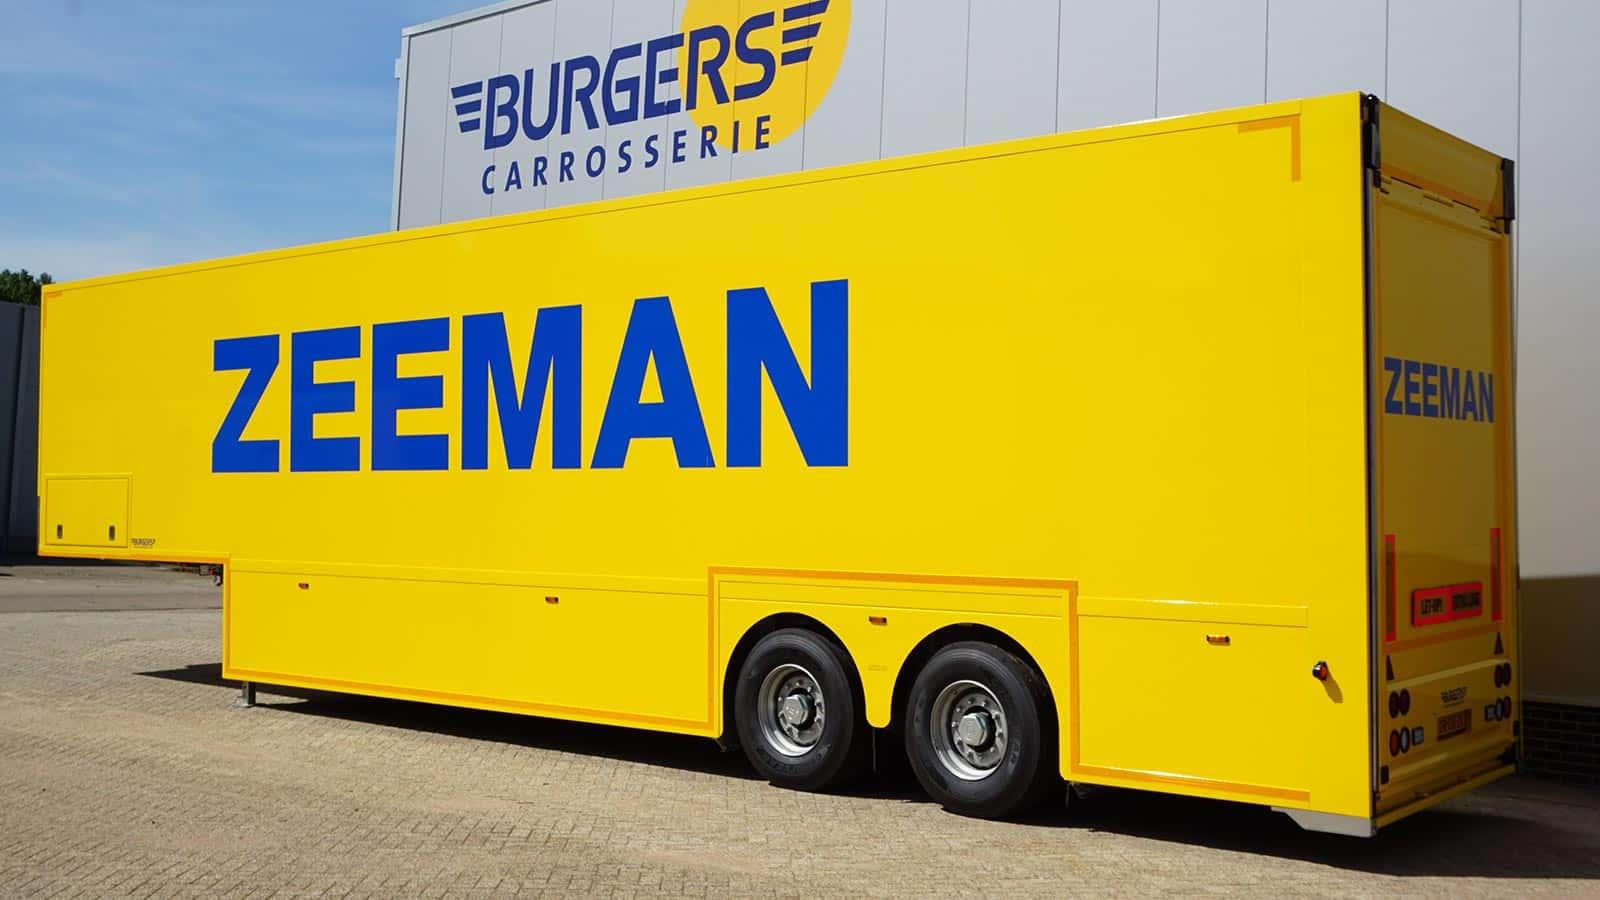 van riemsdijk Reklame - Burgers Carrosserie - Doubledeck Vrachtwagens- Zeeman - Uitgelichte projecten